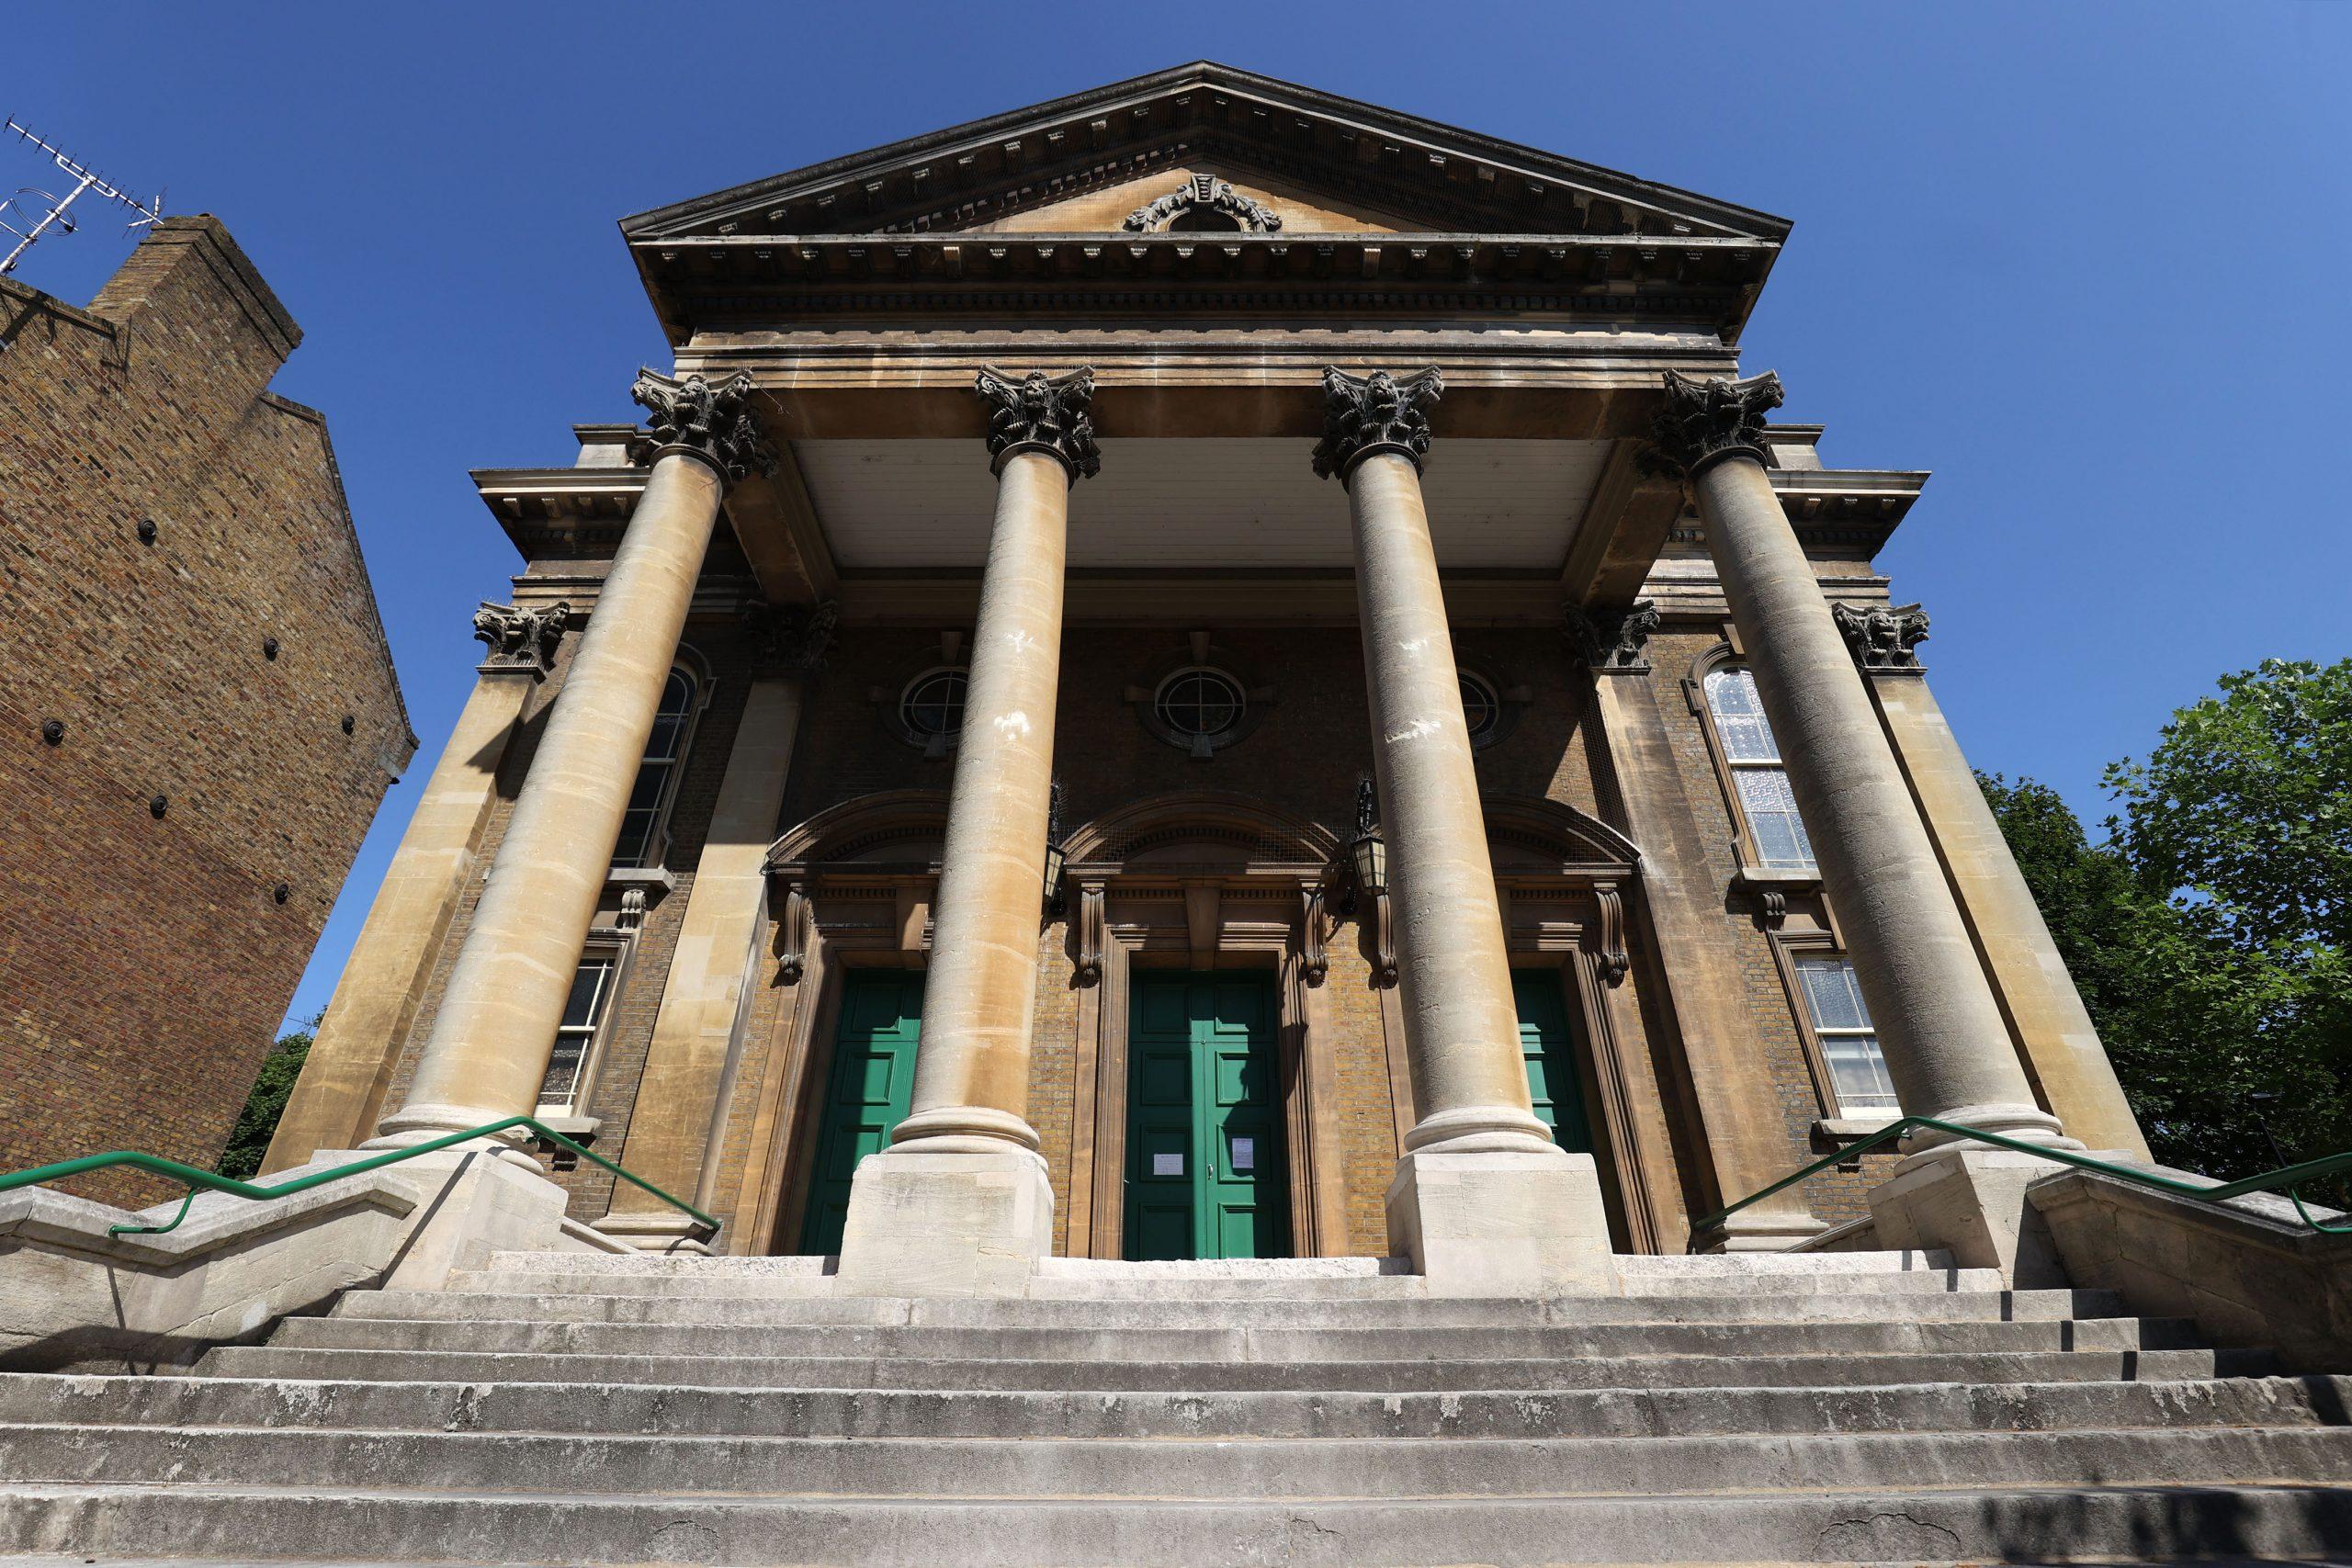 Stop 1 - St Mellitus Church, Home Of The Hunter Memorial Organ